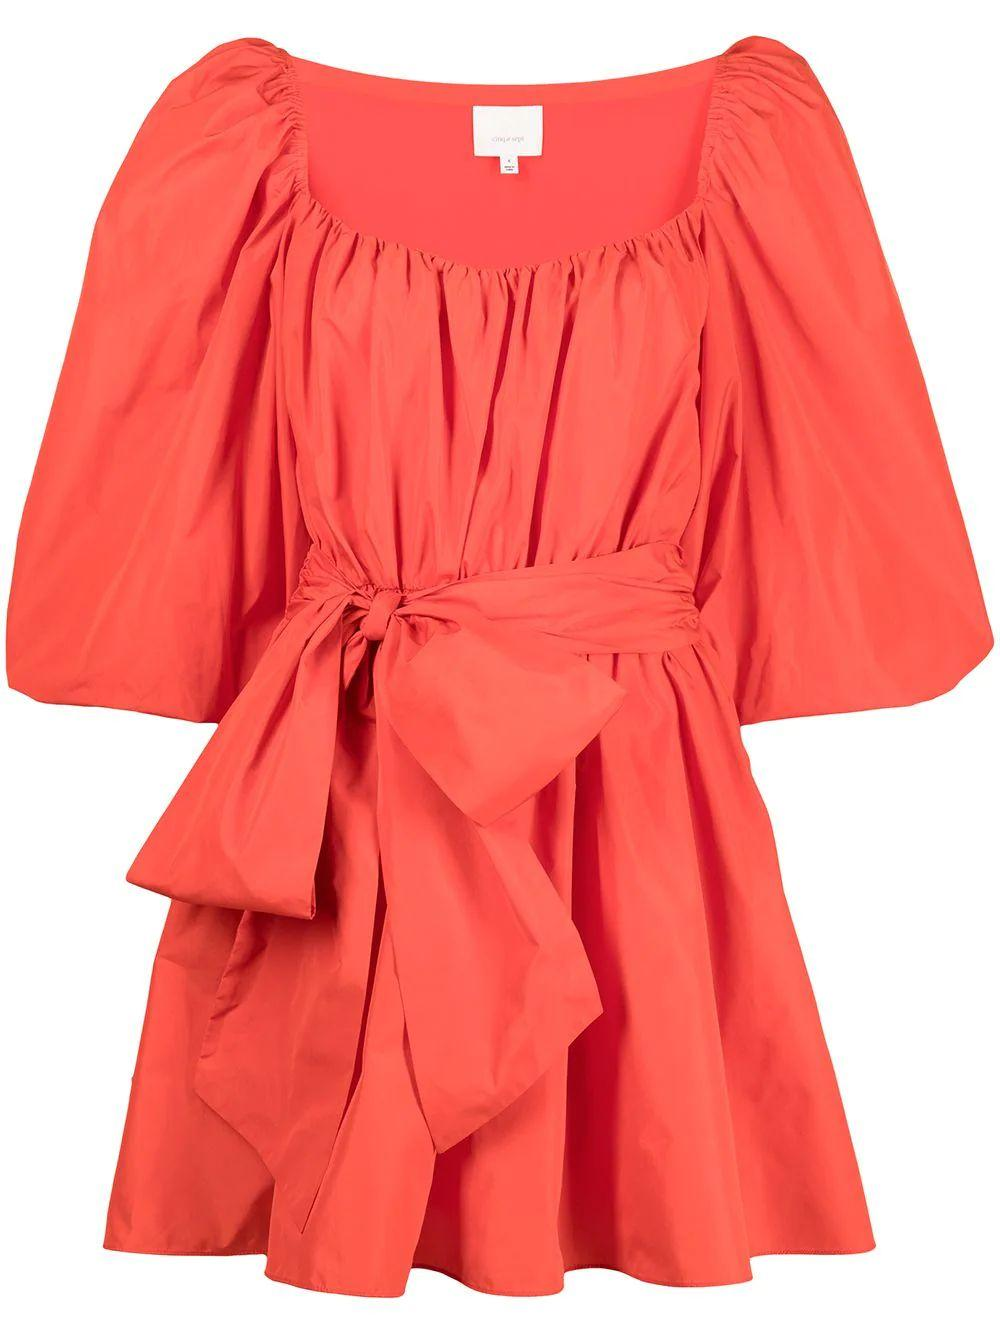 Delilah Dress Item # ZD13913912Z